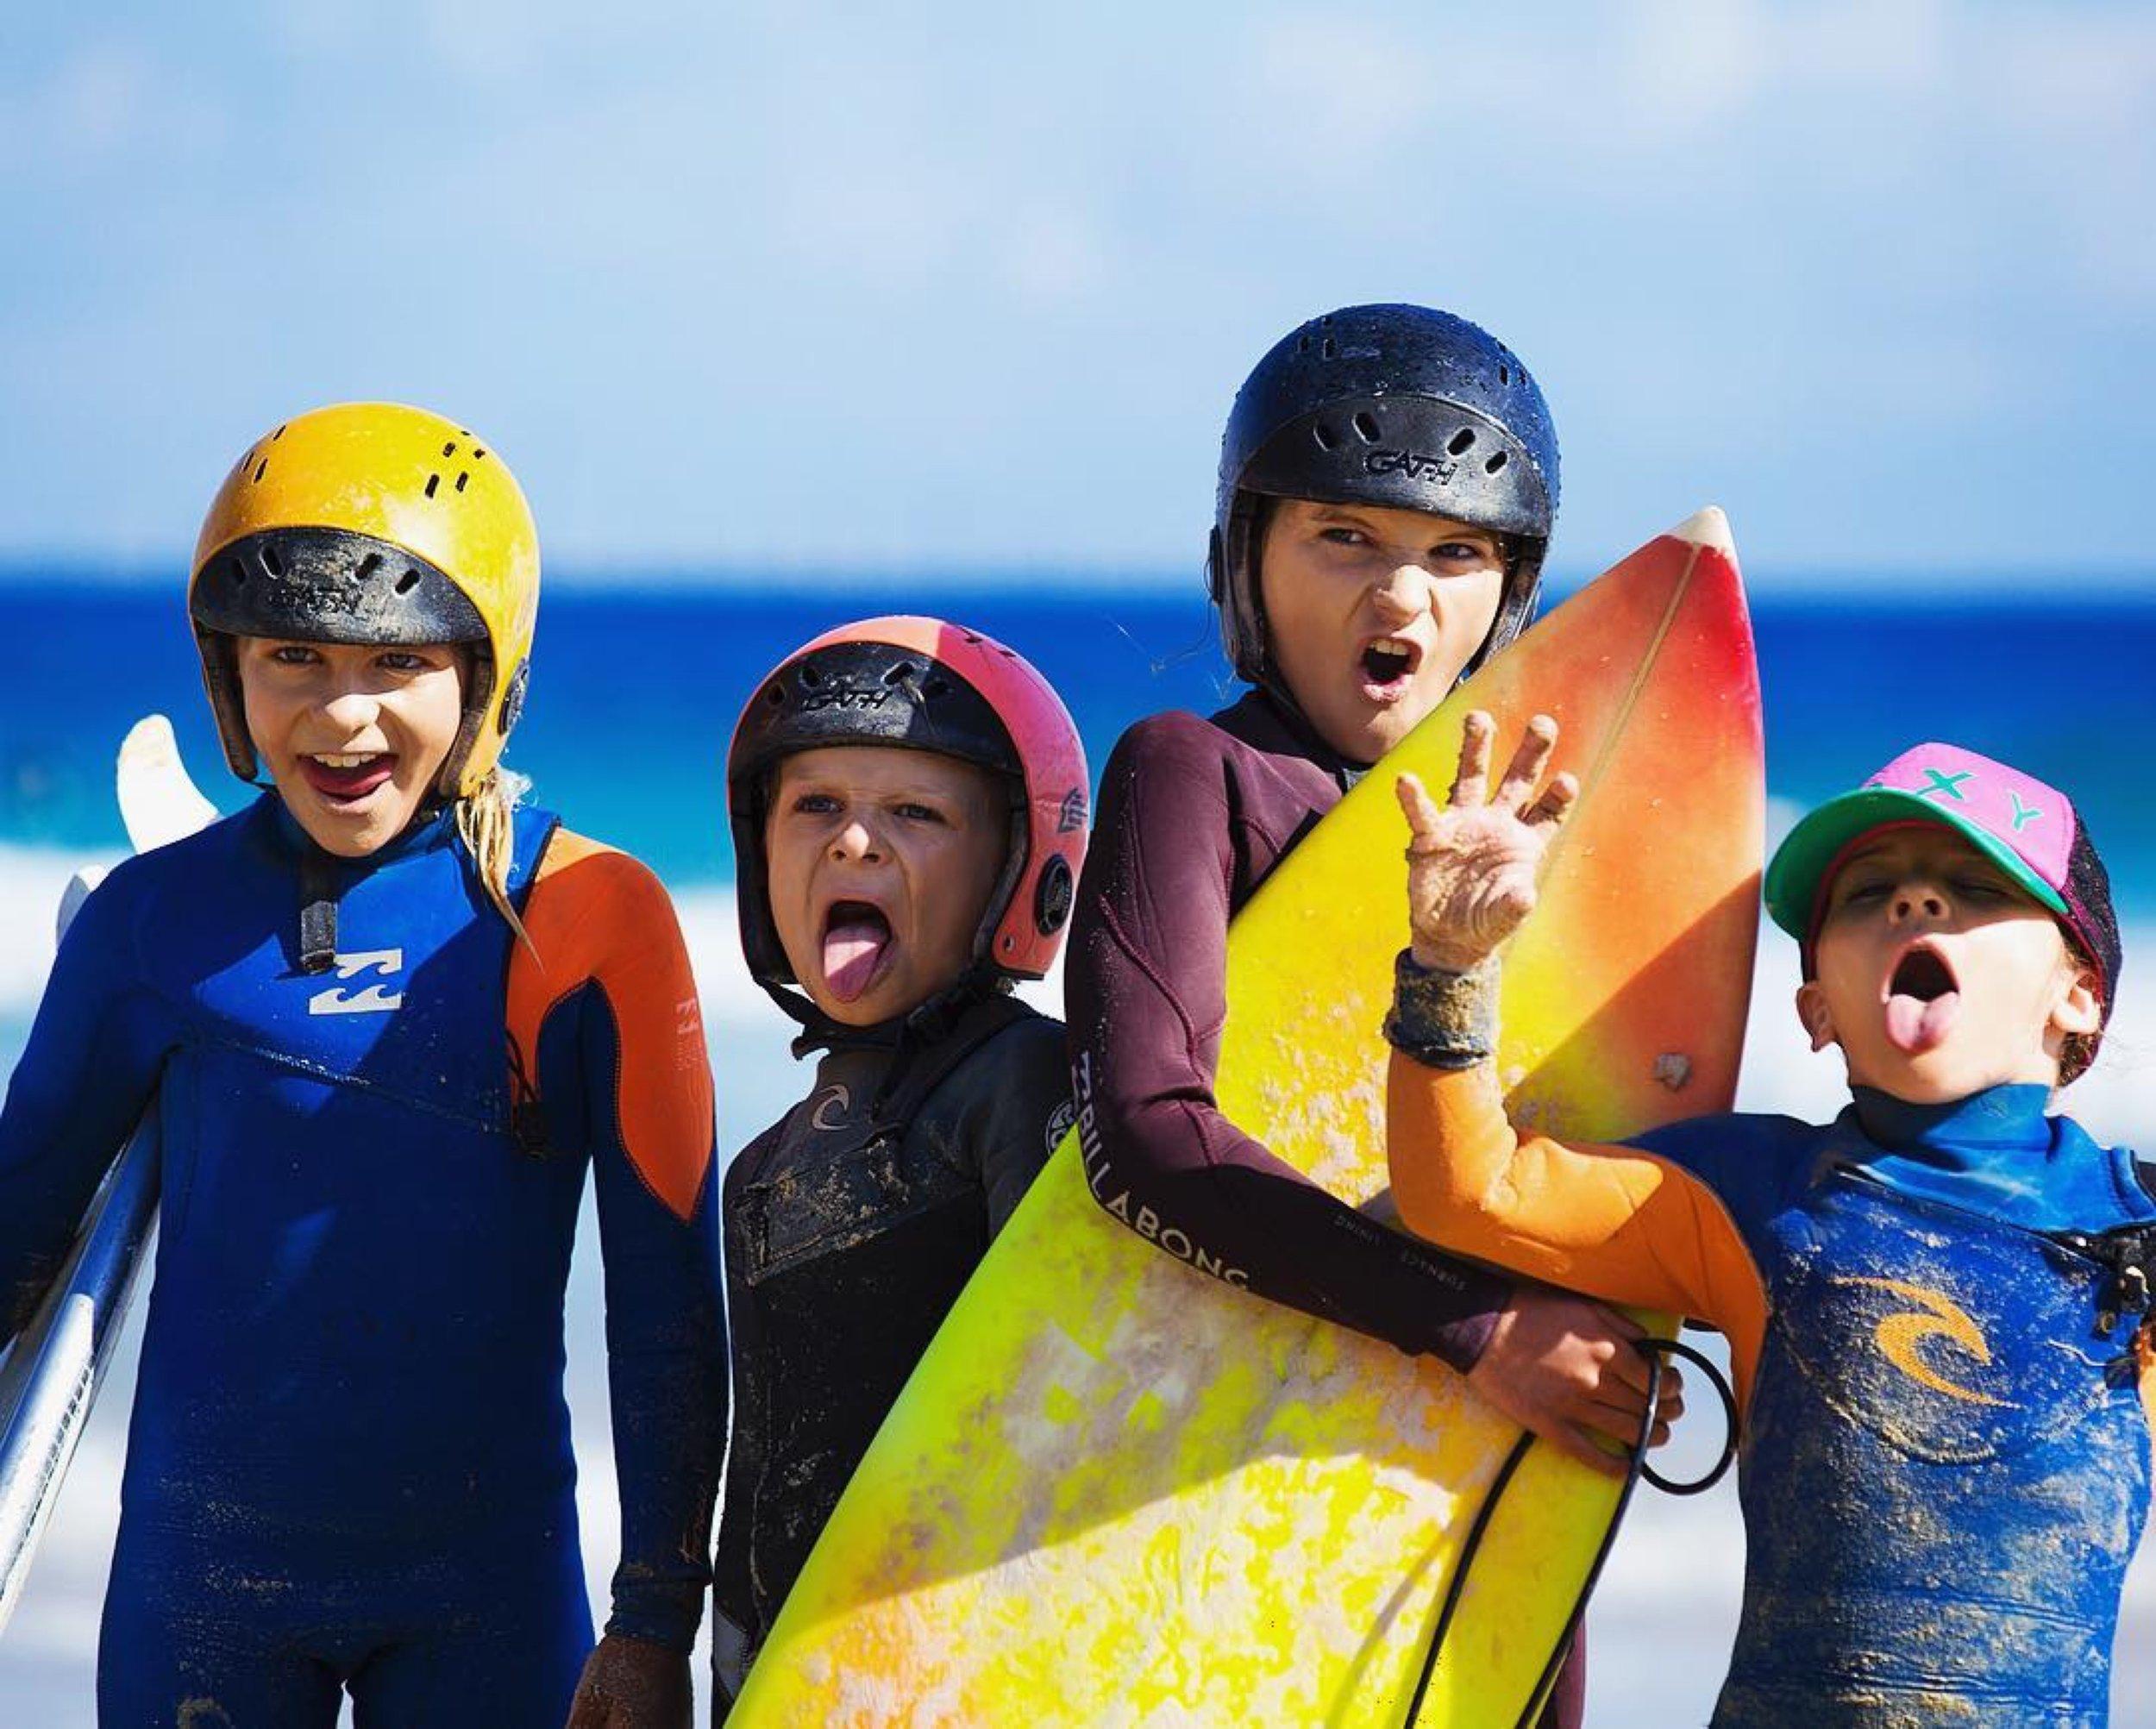 kids at beach portrait 2016.JPG